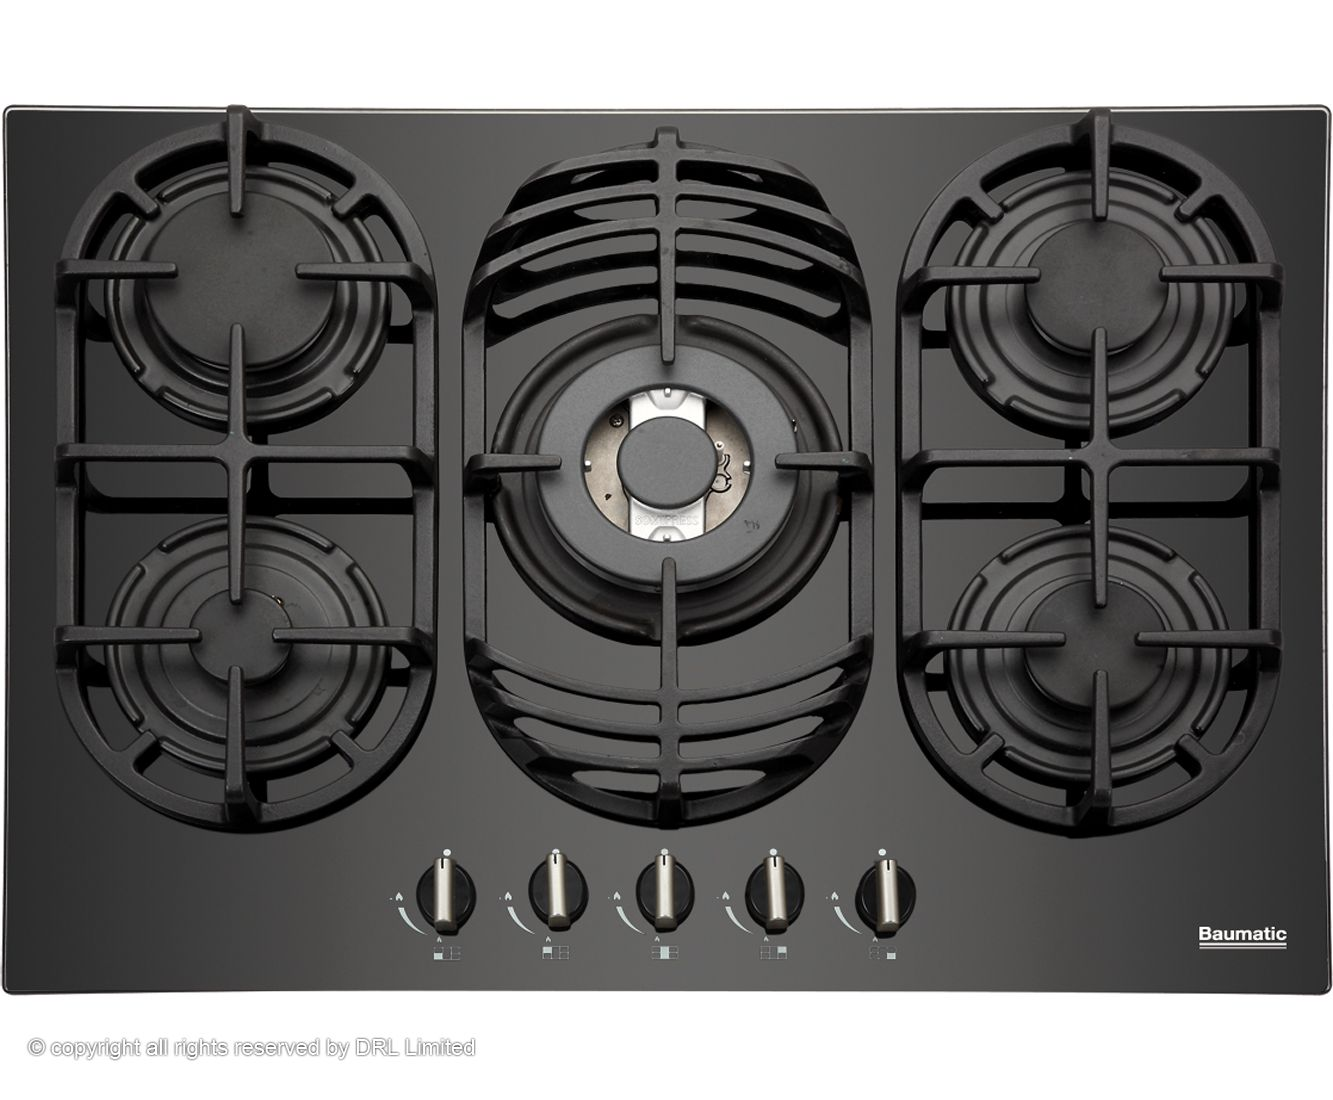 Baumatic Bgg70 70cm Gas Hob Black Hobs Gas Hob Interior Design Basics